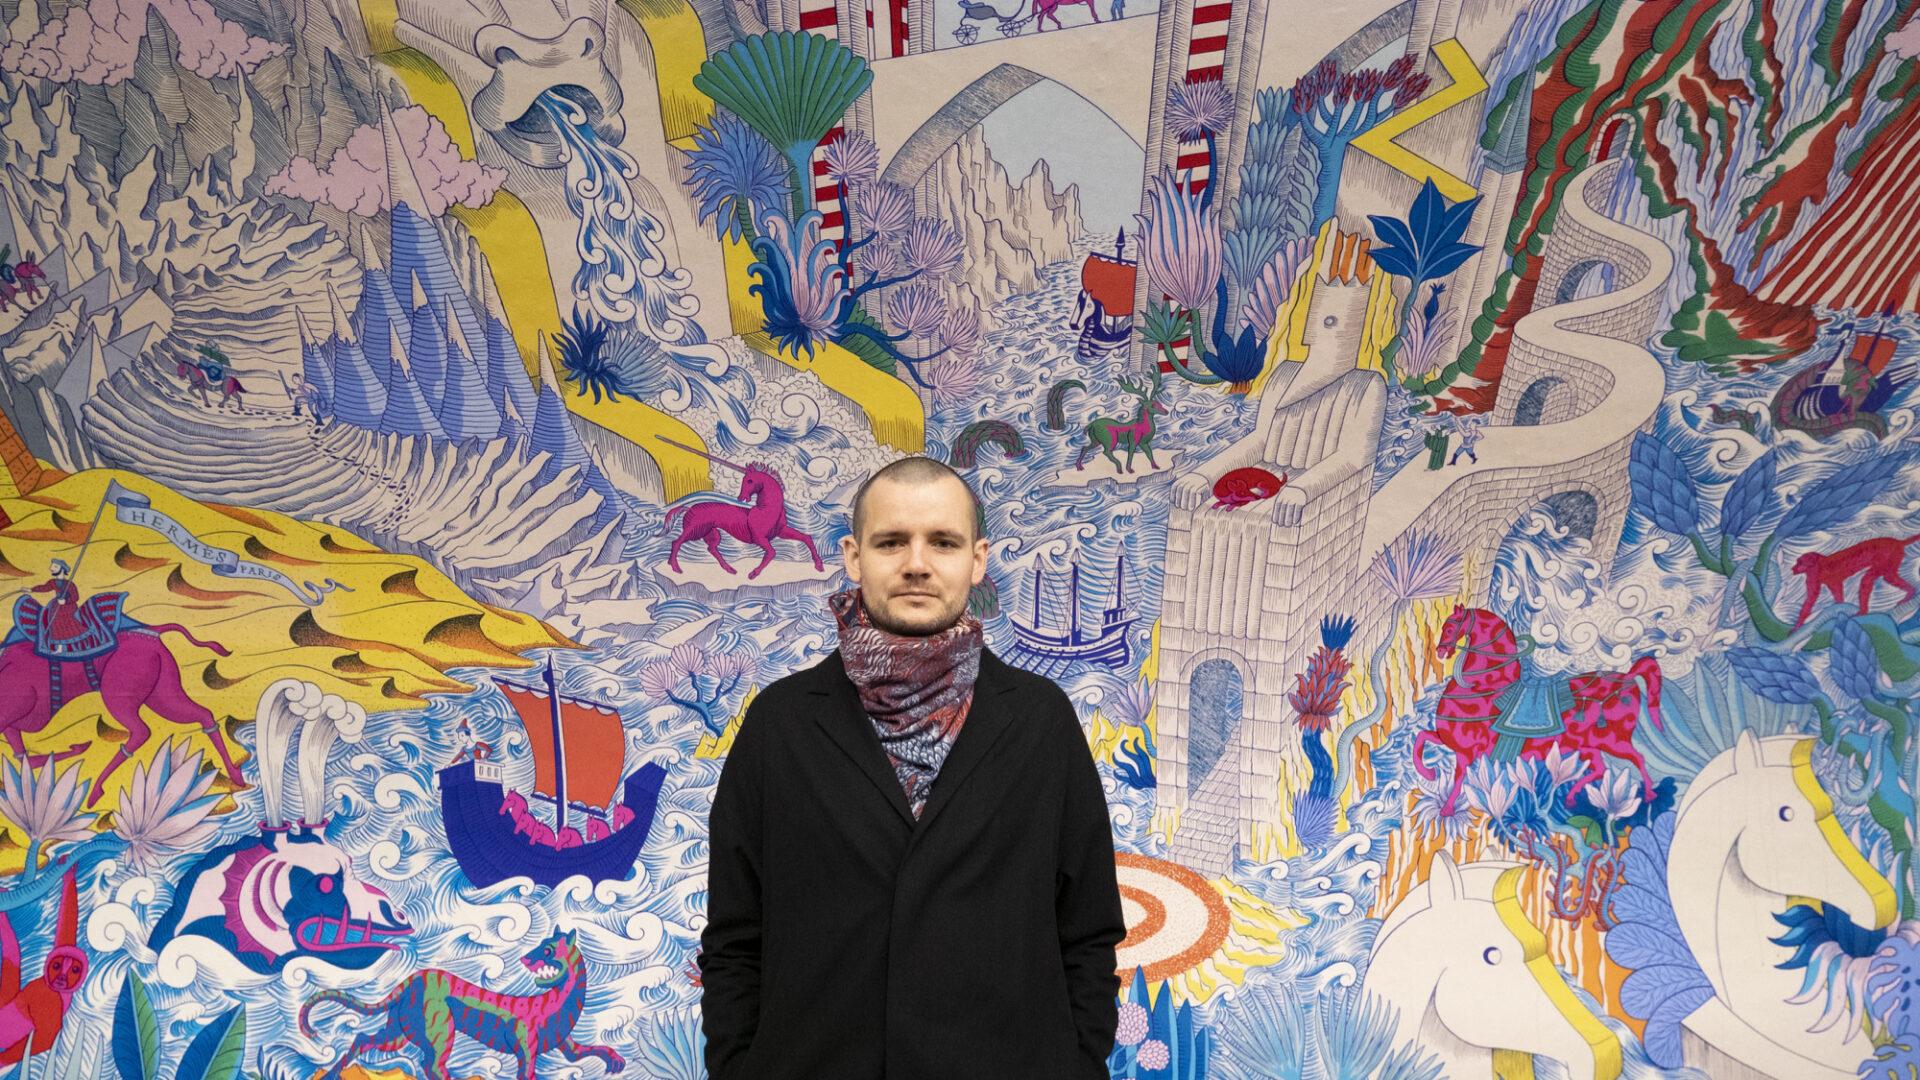 Jan Bajtlik: – Za granicą łatwiej mi znaleźć wolność myślenia